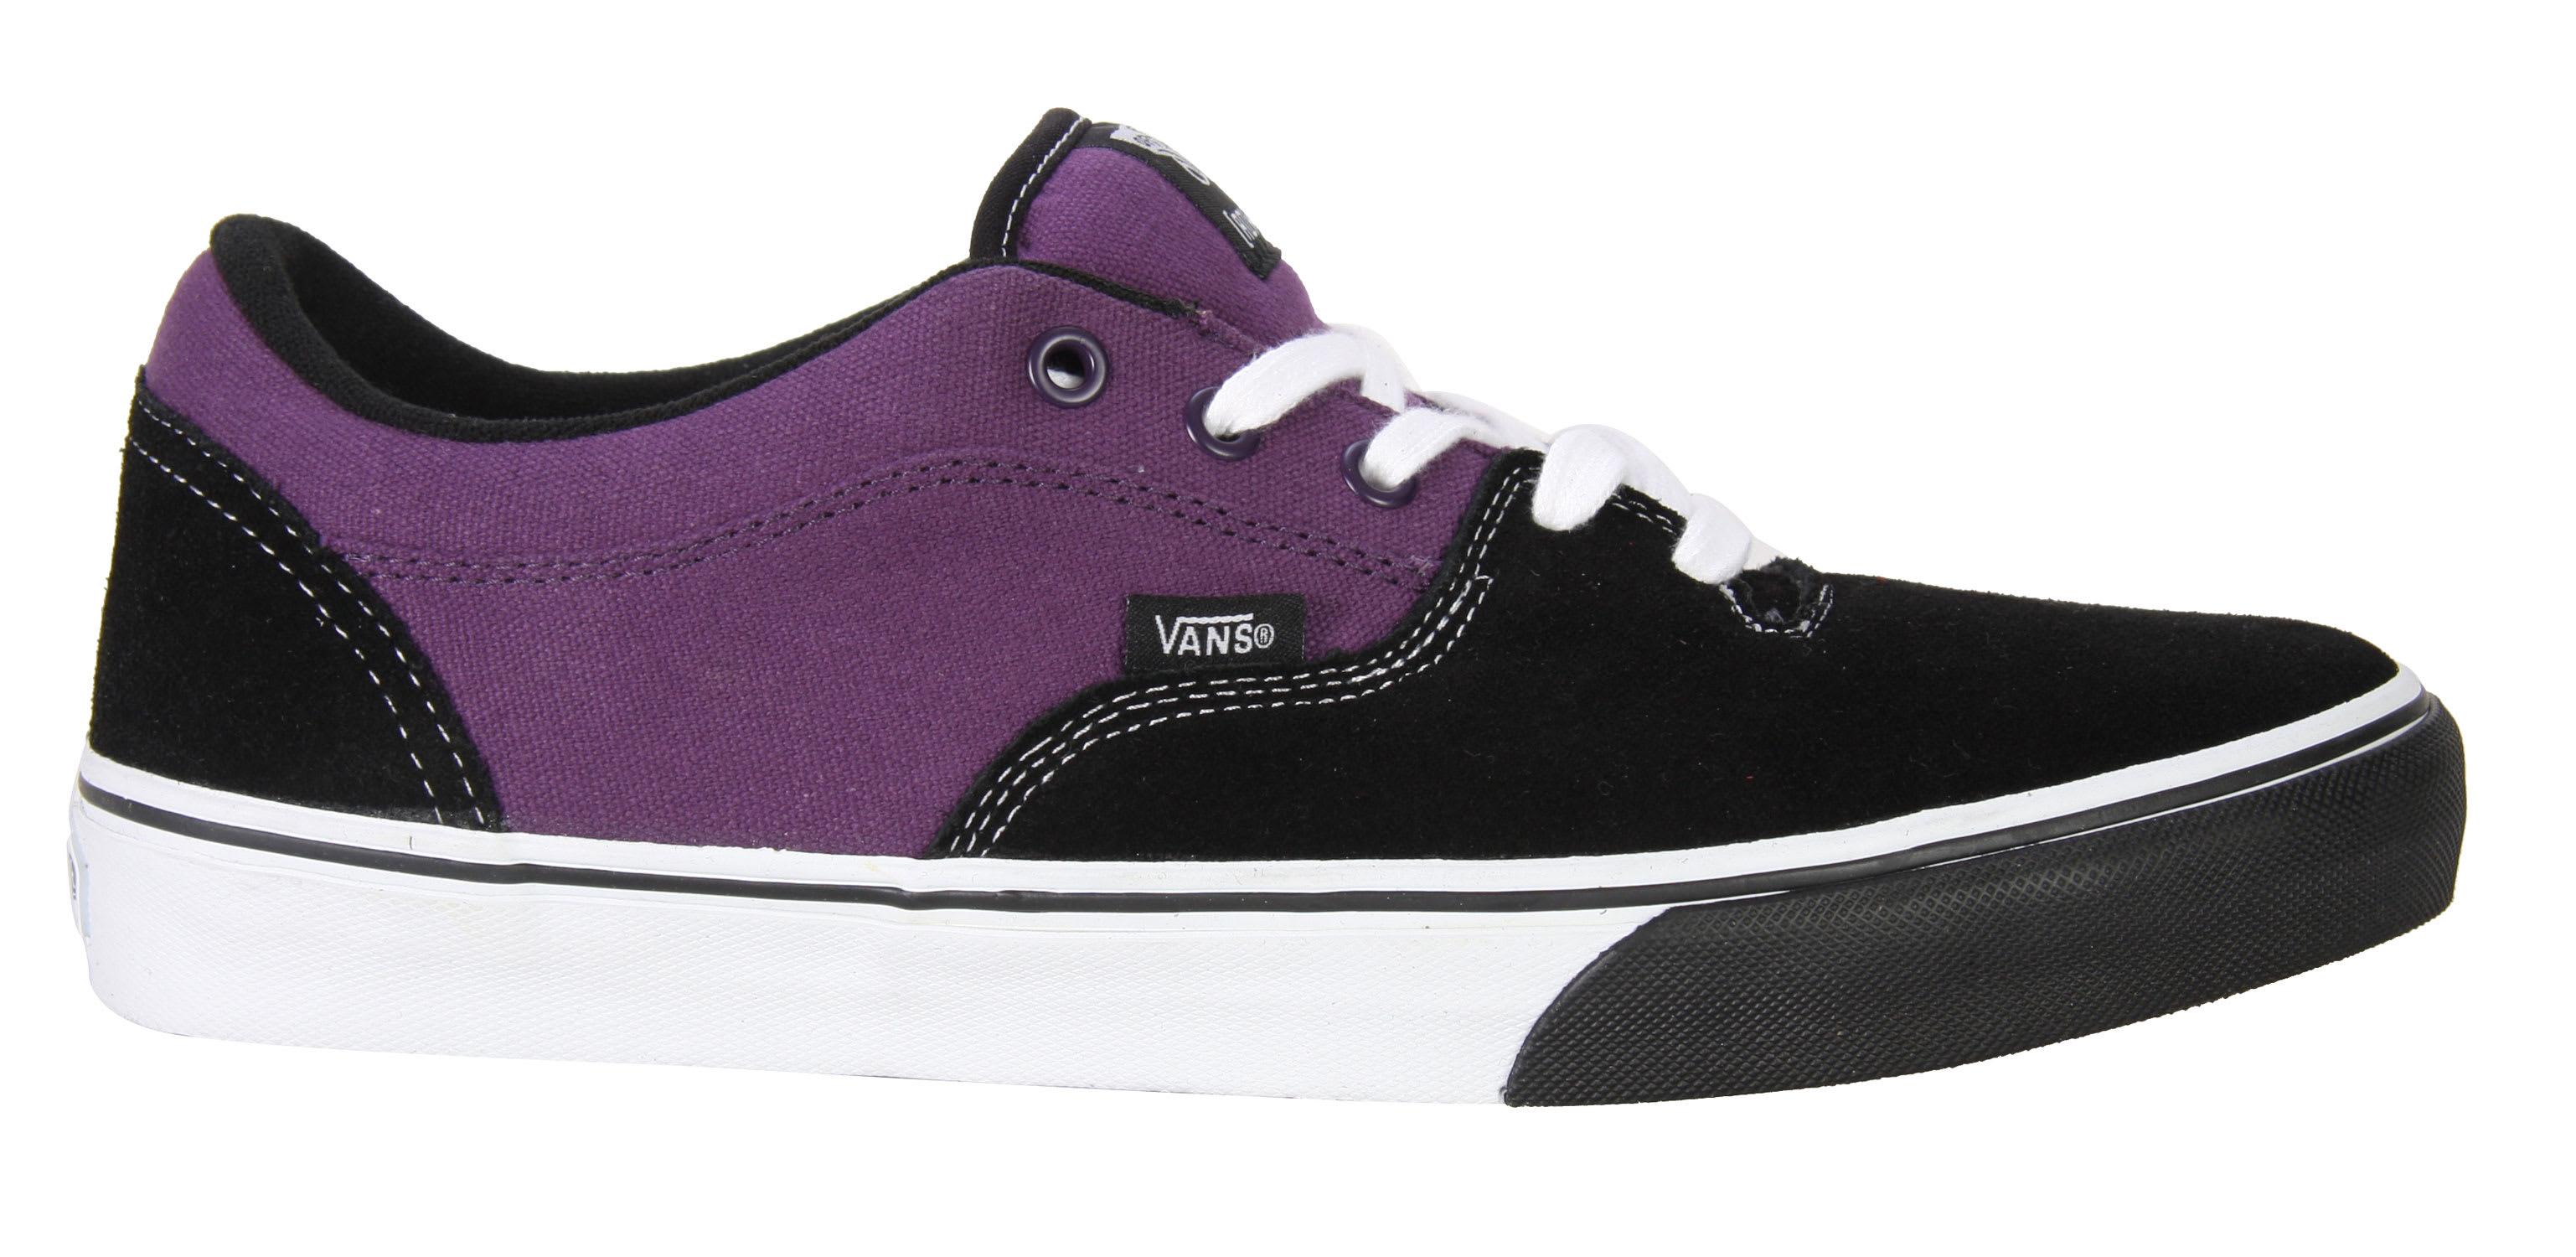 a8d13c715d59ec Vans Rowley Style 99s Skate Shoes - thumbnail 1